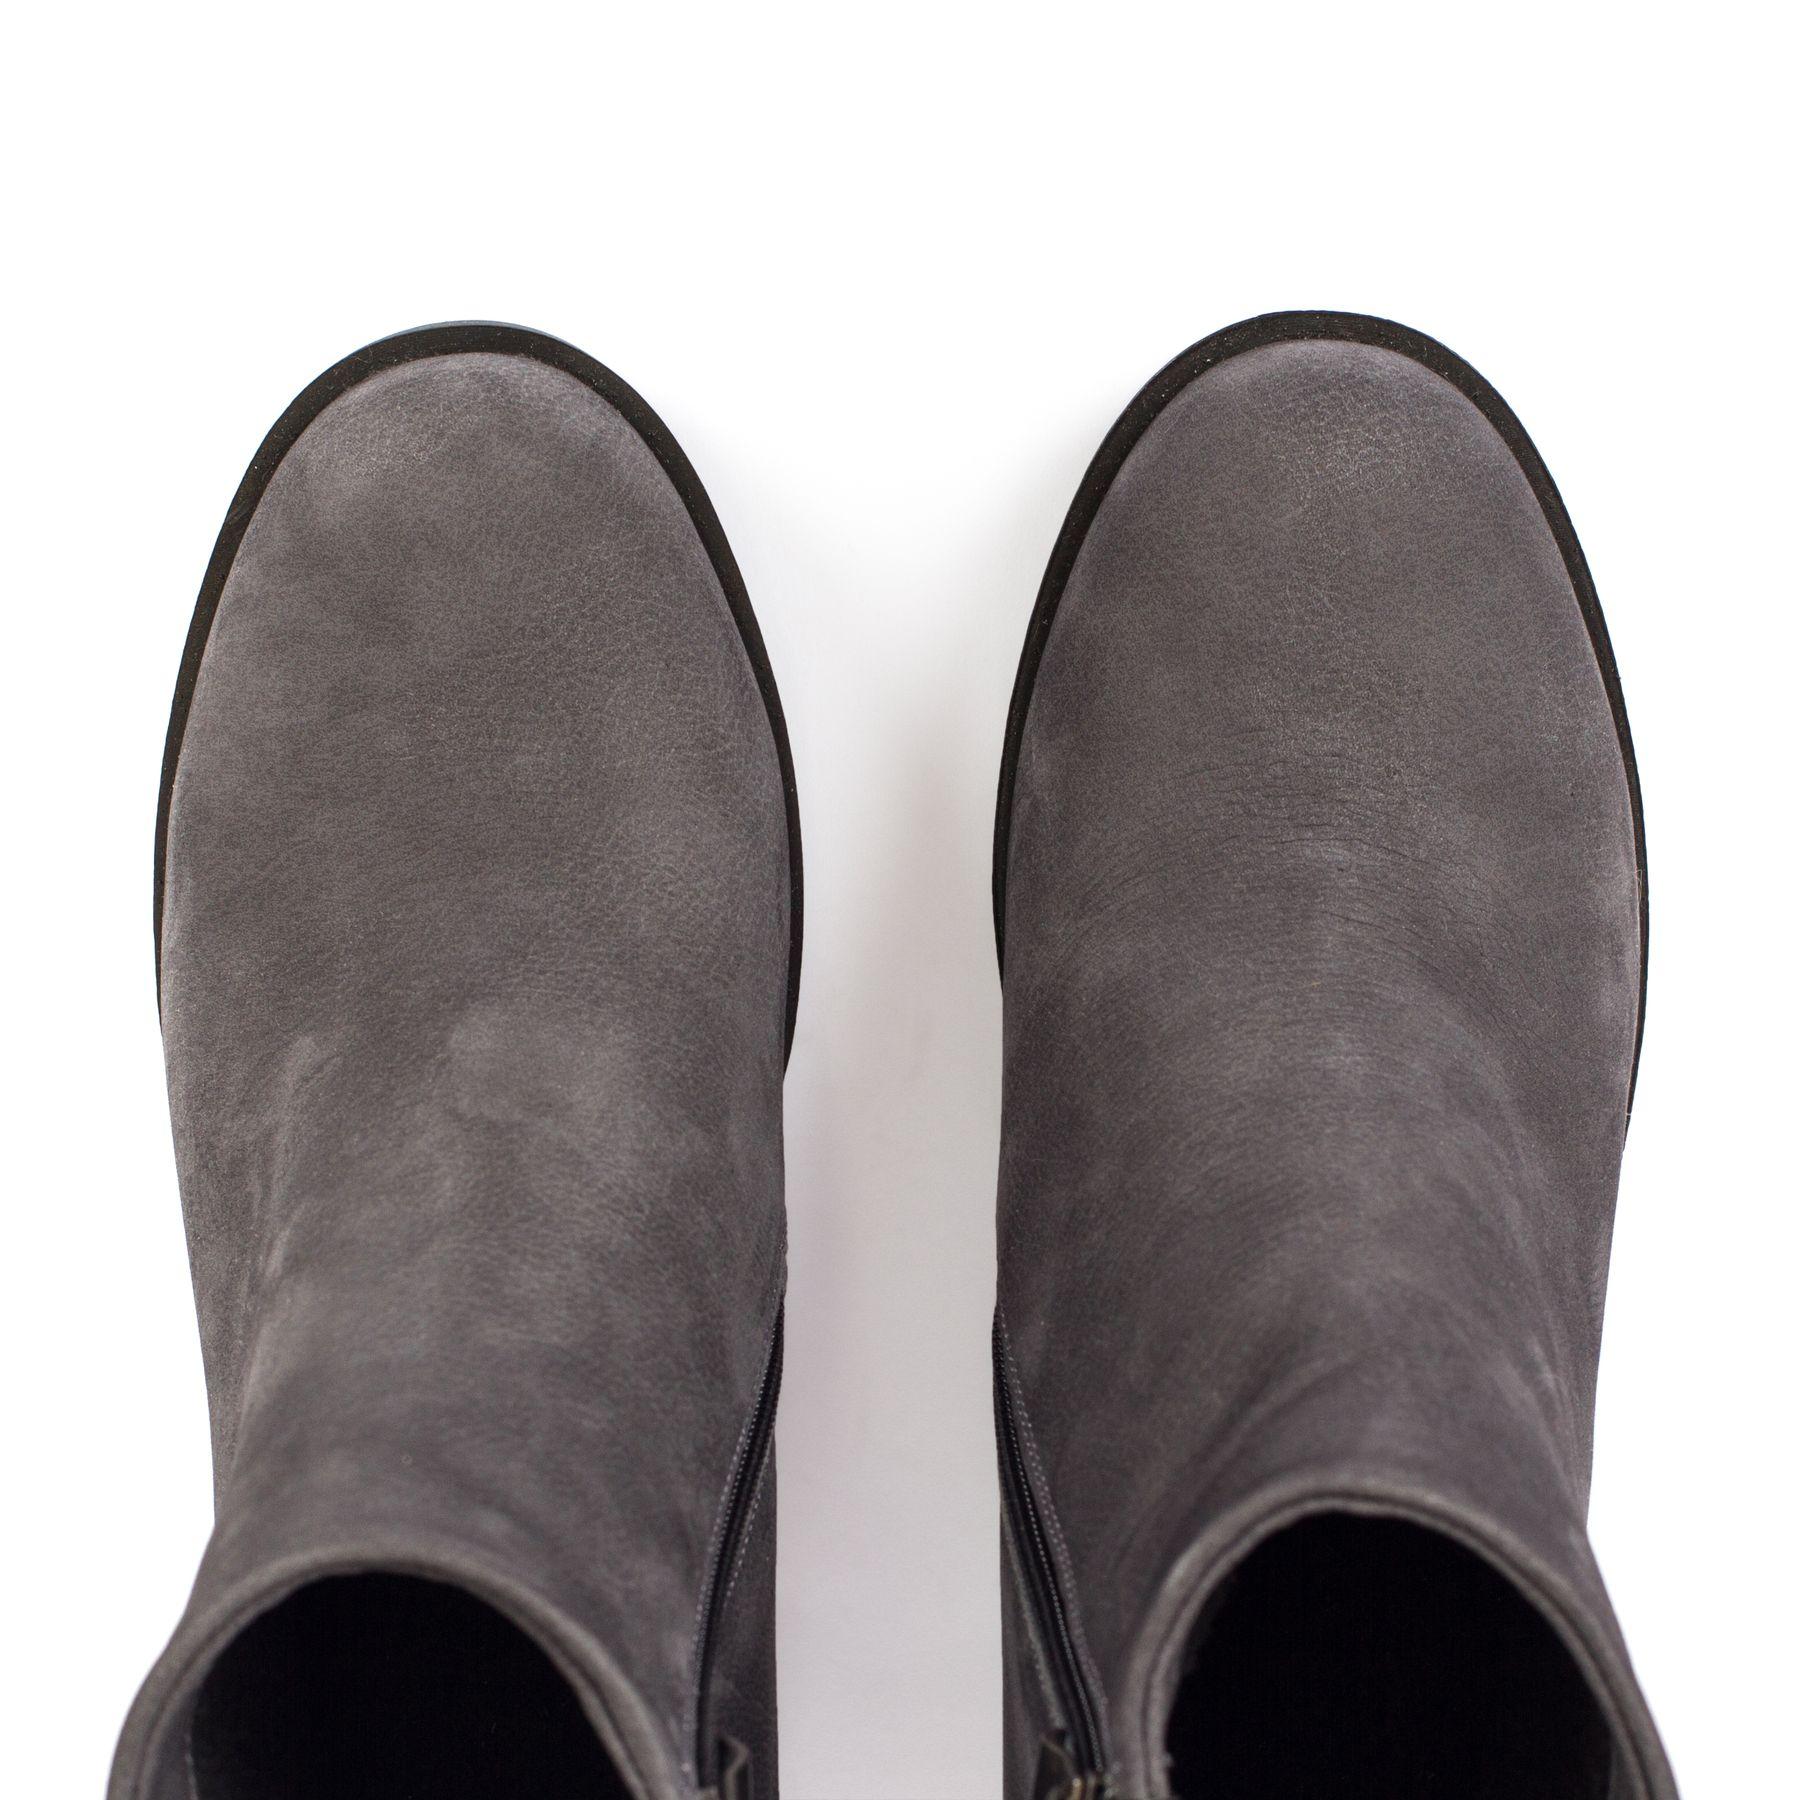 d295d45c4ae9 Женская обувь от украинского производителя - купить в Киеве, продажа ...